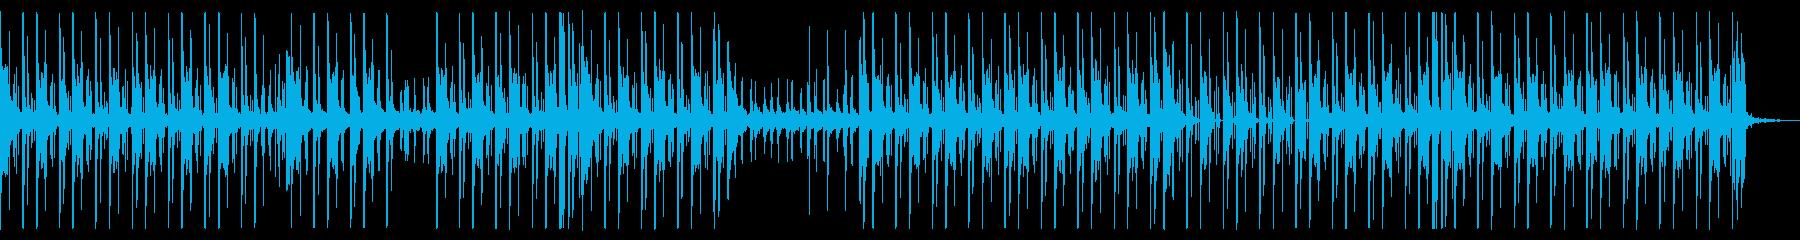 シンプルで不良っぽいヒップホップの再生済みの波形